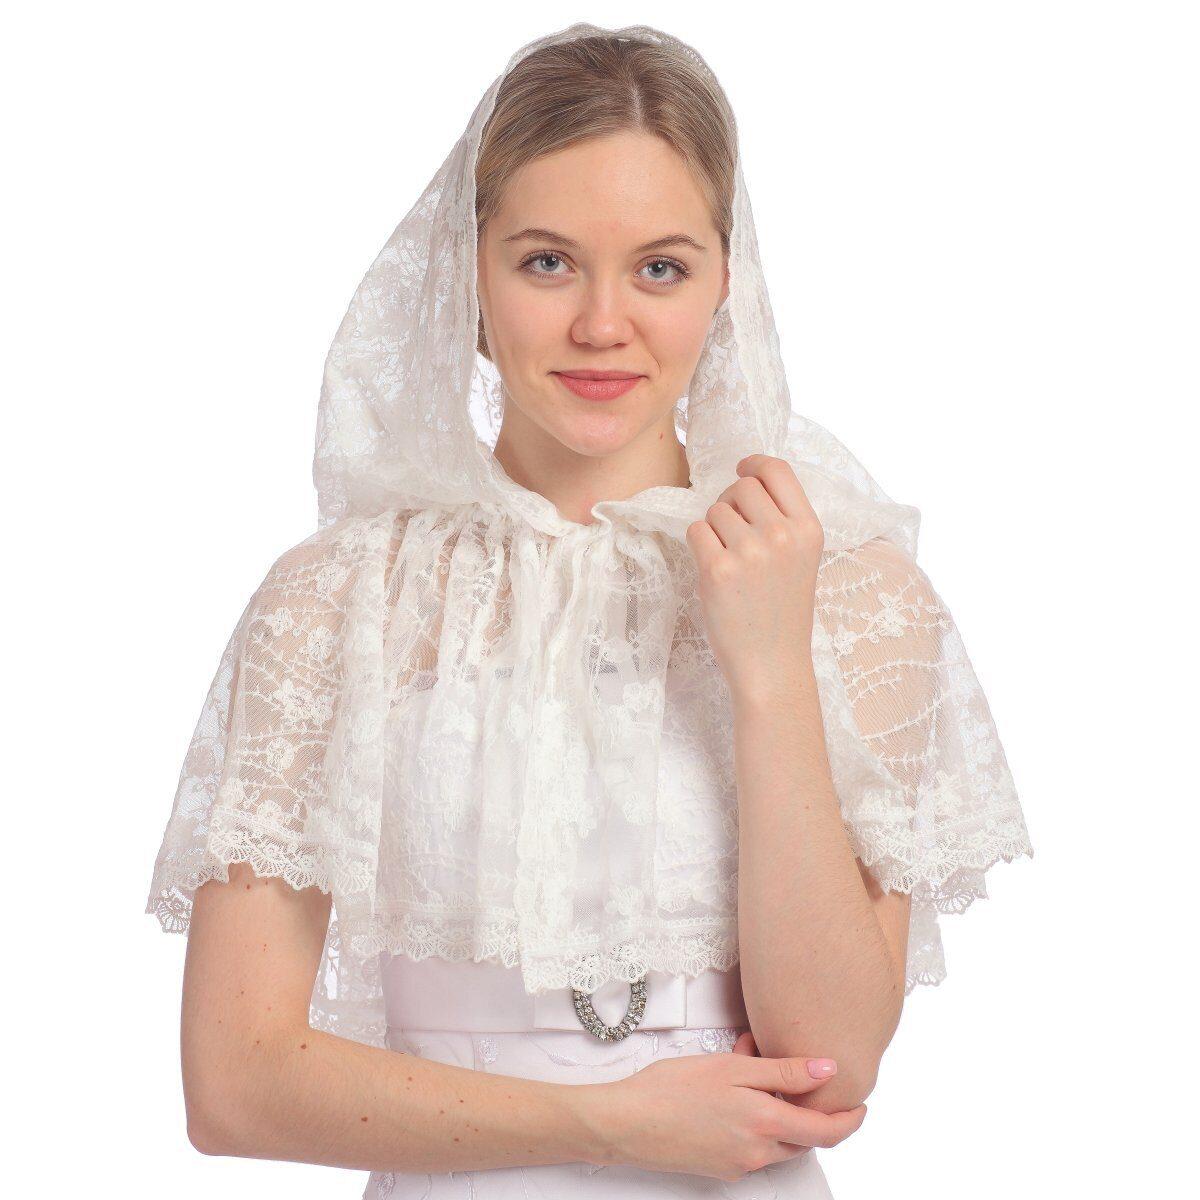 поиске используется накидки для венчания с капюшоном фото женщин проявляется спустя